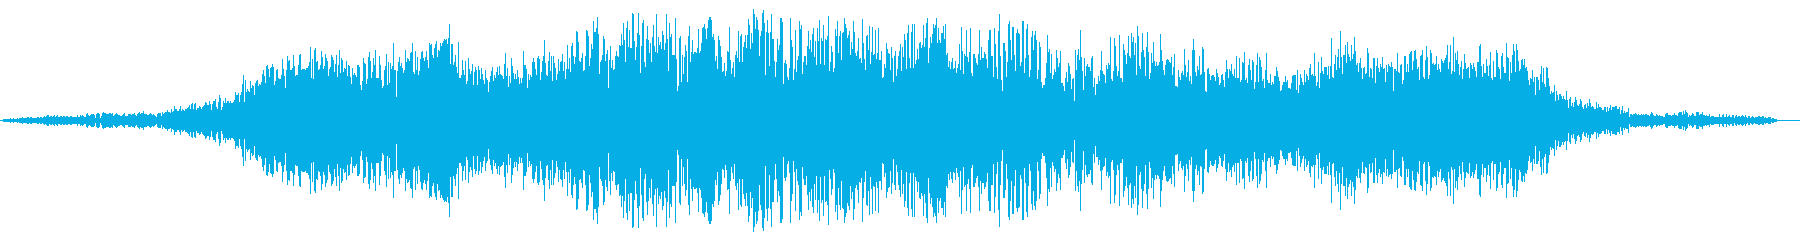 スペース系効果音(やや低め、ウワーン)の再生済みの波形